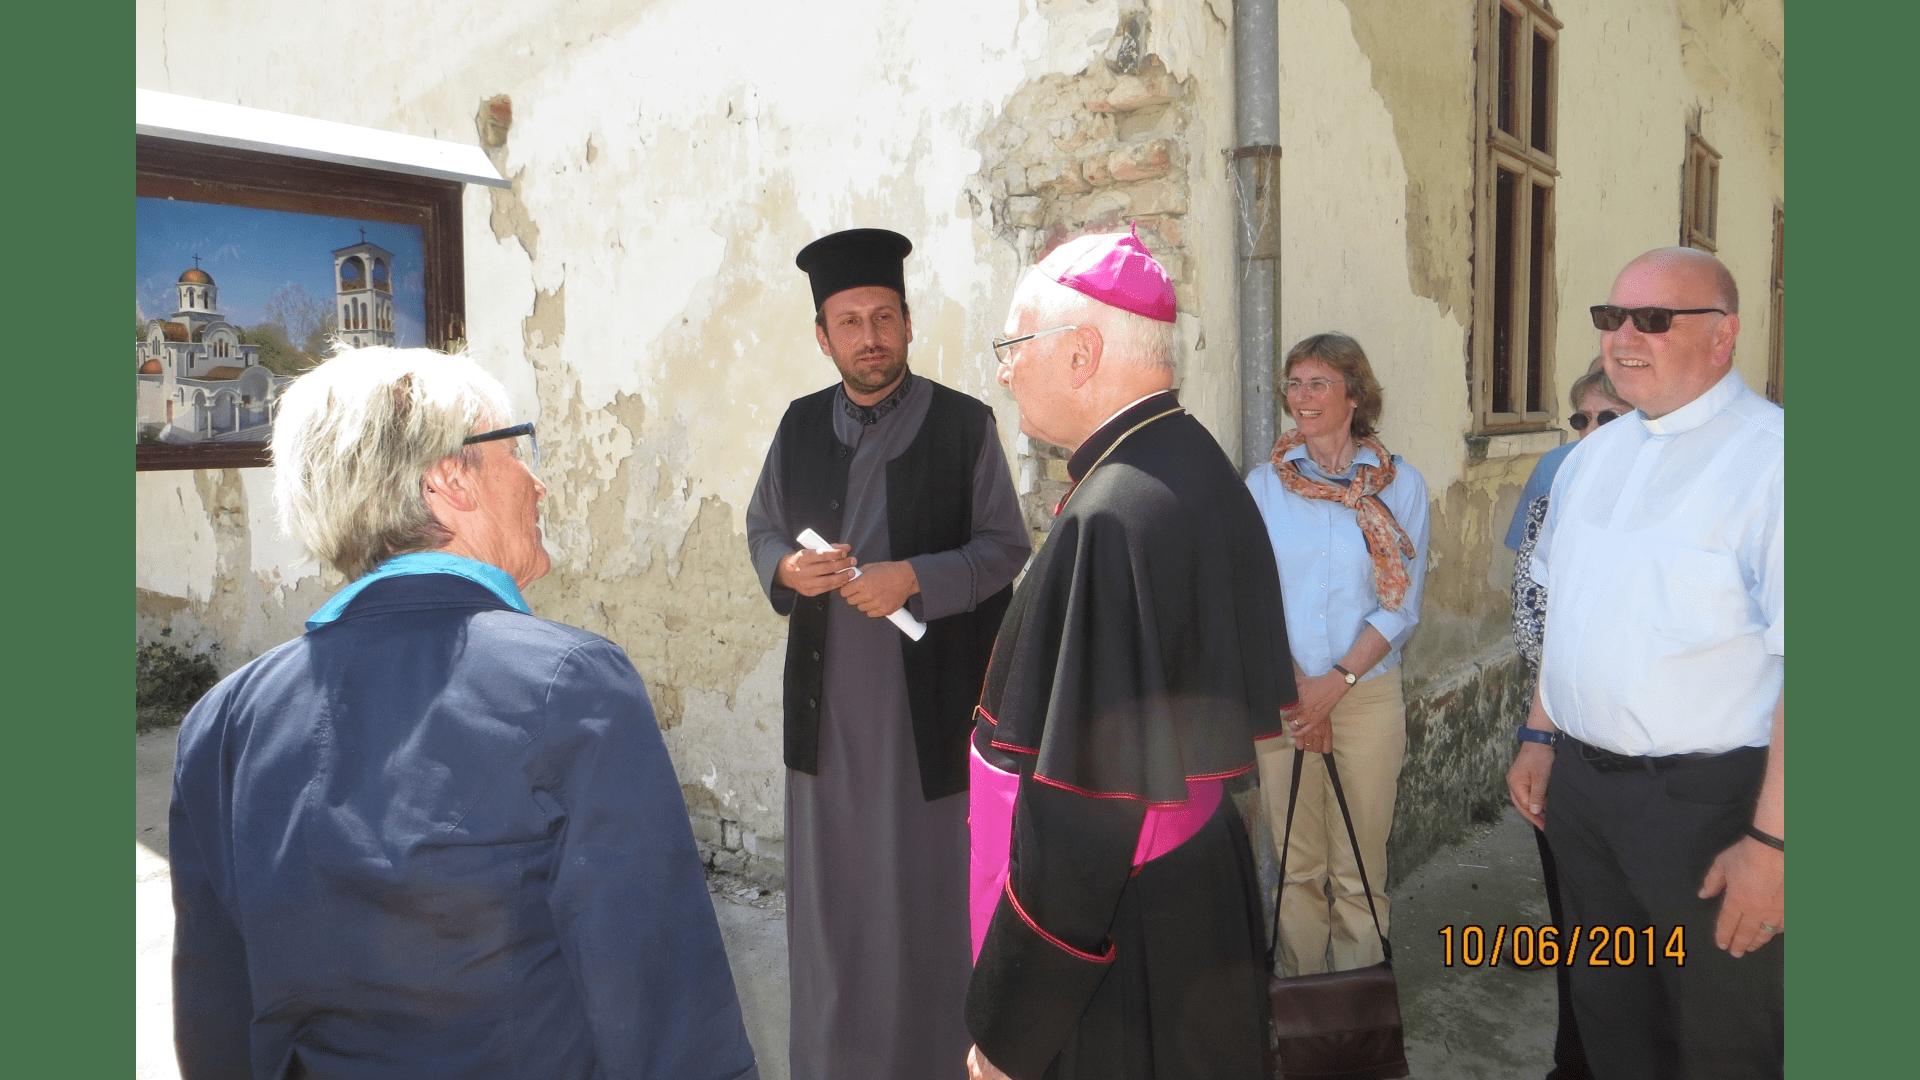 Besichtigung der Baustelle. Hier wird die orthodoxe Kirche errichtet, 2014. Foto: Archiv Freundeskreis Filipowa